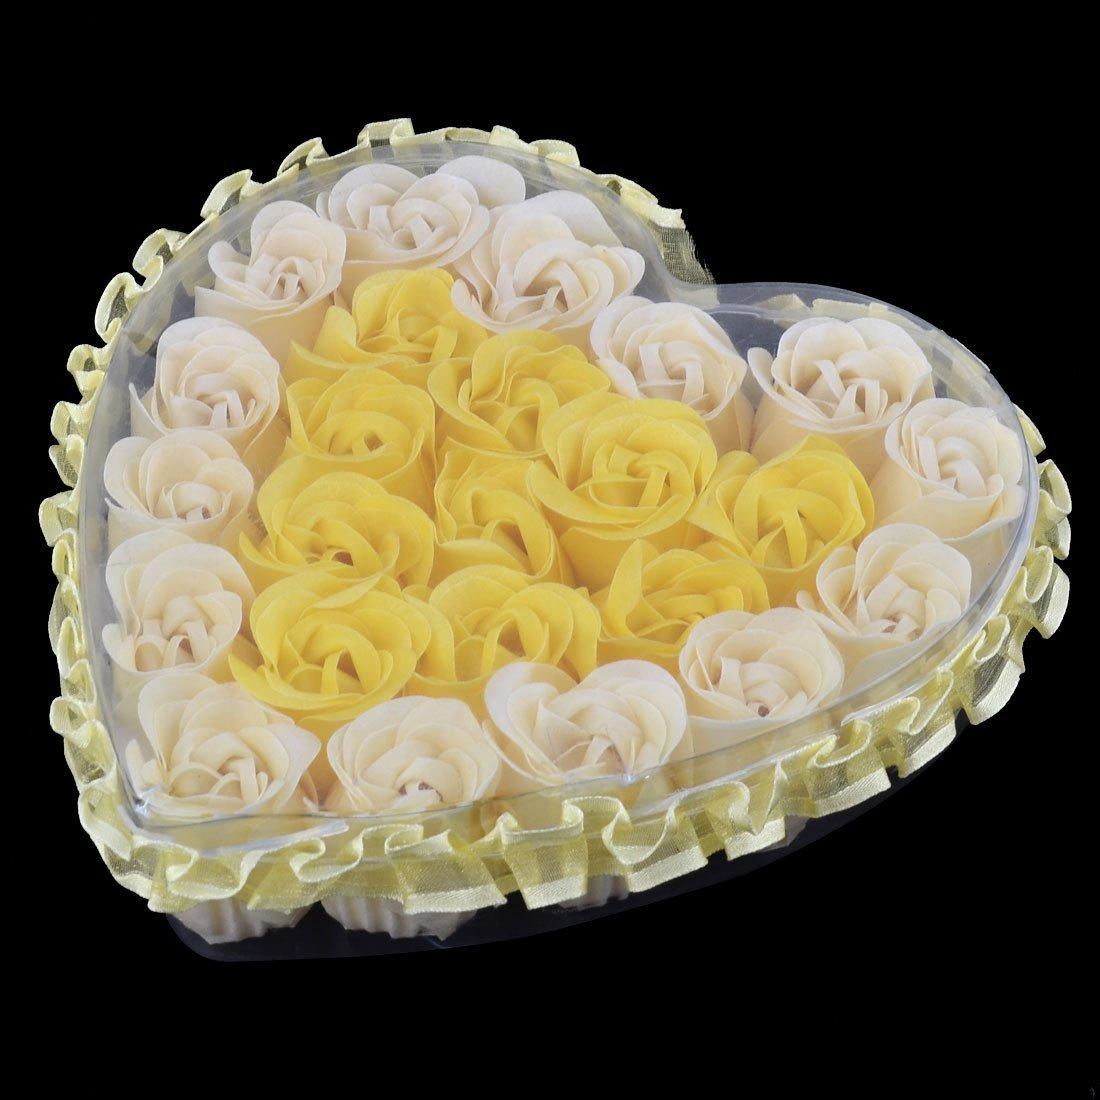 Amazon.com: eDealMax Corazón Festival de Regalo en Forma de caja 24pcs del cordón de la decoración de jabón Hecho a Mano Flor de Rose amarilla: Home & ...